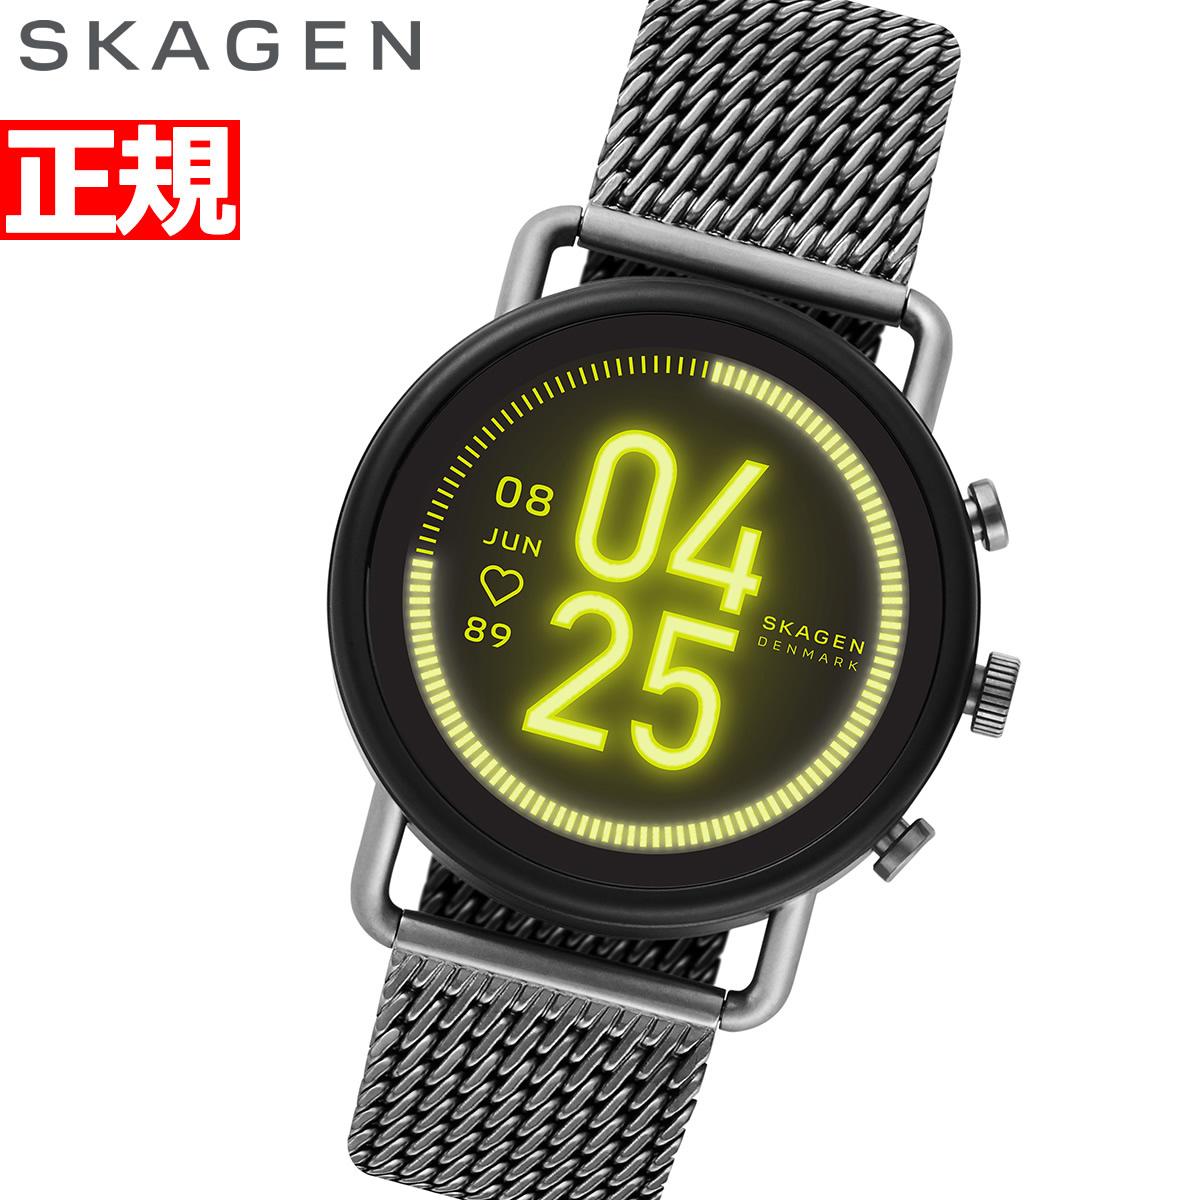 【5日0時~♪2000円OFFクーポン&店内ポイント最大51倍!5日23時59分まで】スカーゲン SKAGEN スマートウォッチ ウェアラブル 腕時計 メンズ レディース フォルスター3 FALSTER 3 SKT5200【2020 新作】